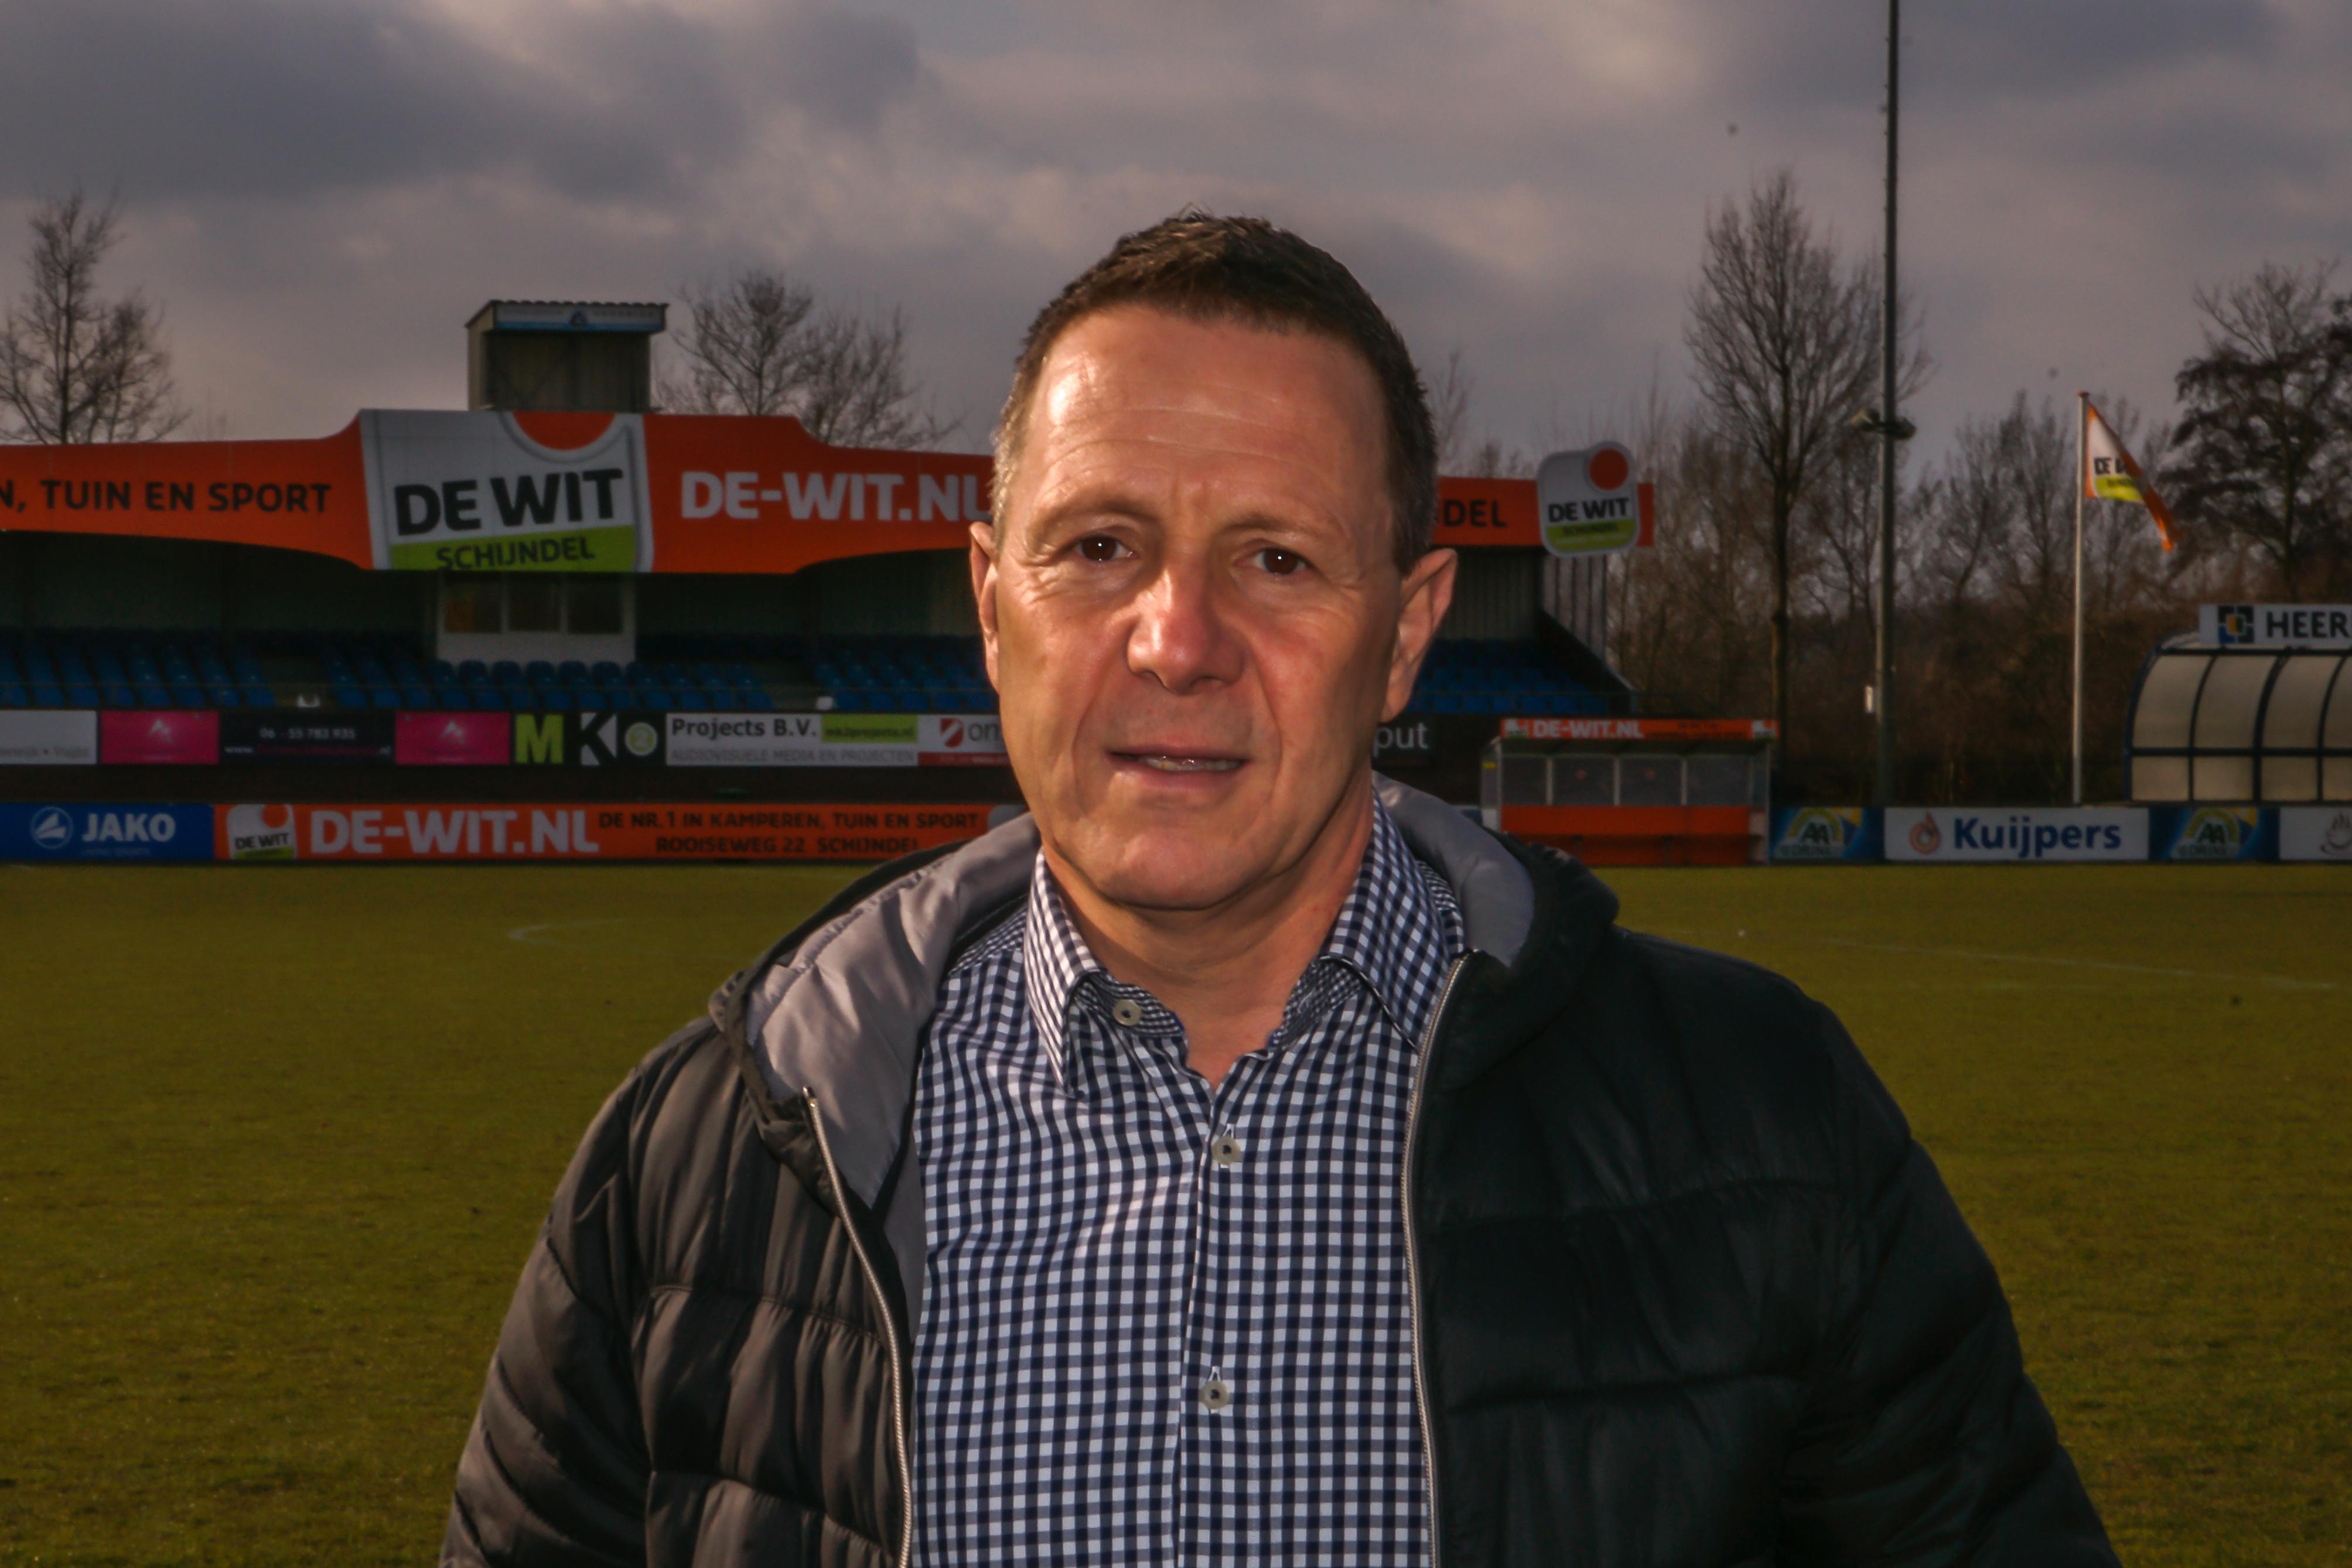 RKSV Schijndel, Henry van Alebeek